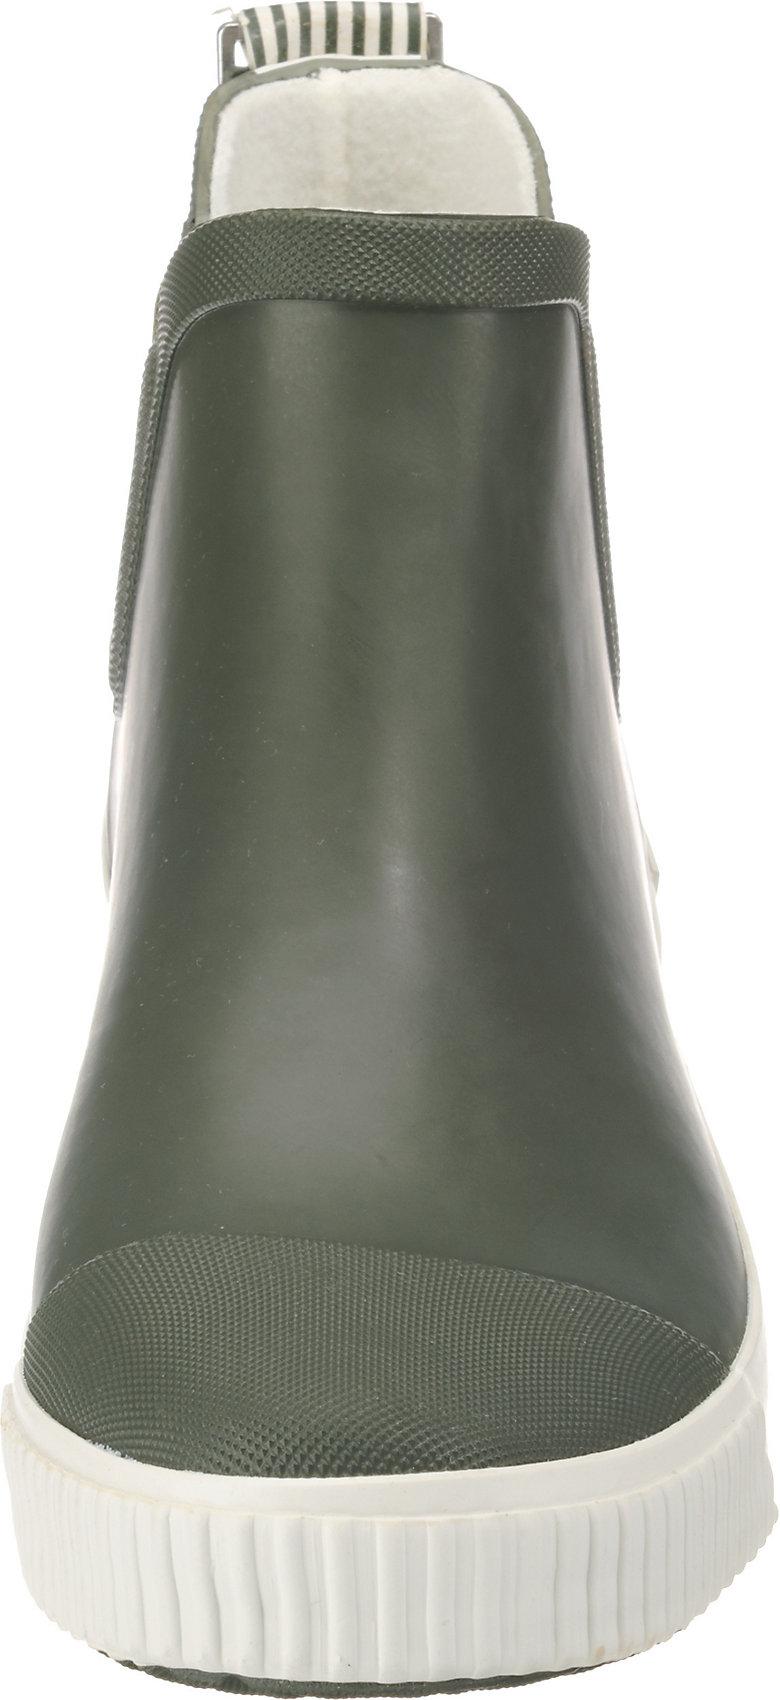 Gummistiefel Gant günstig und in großer Auswahl Stiefel